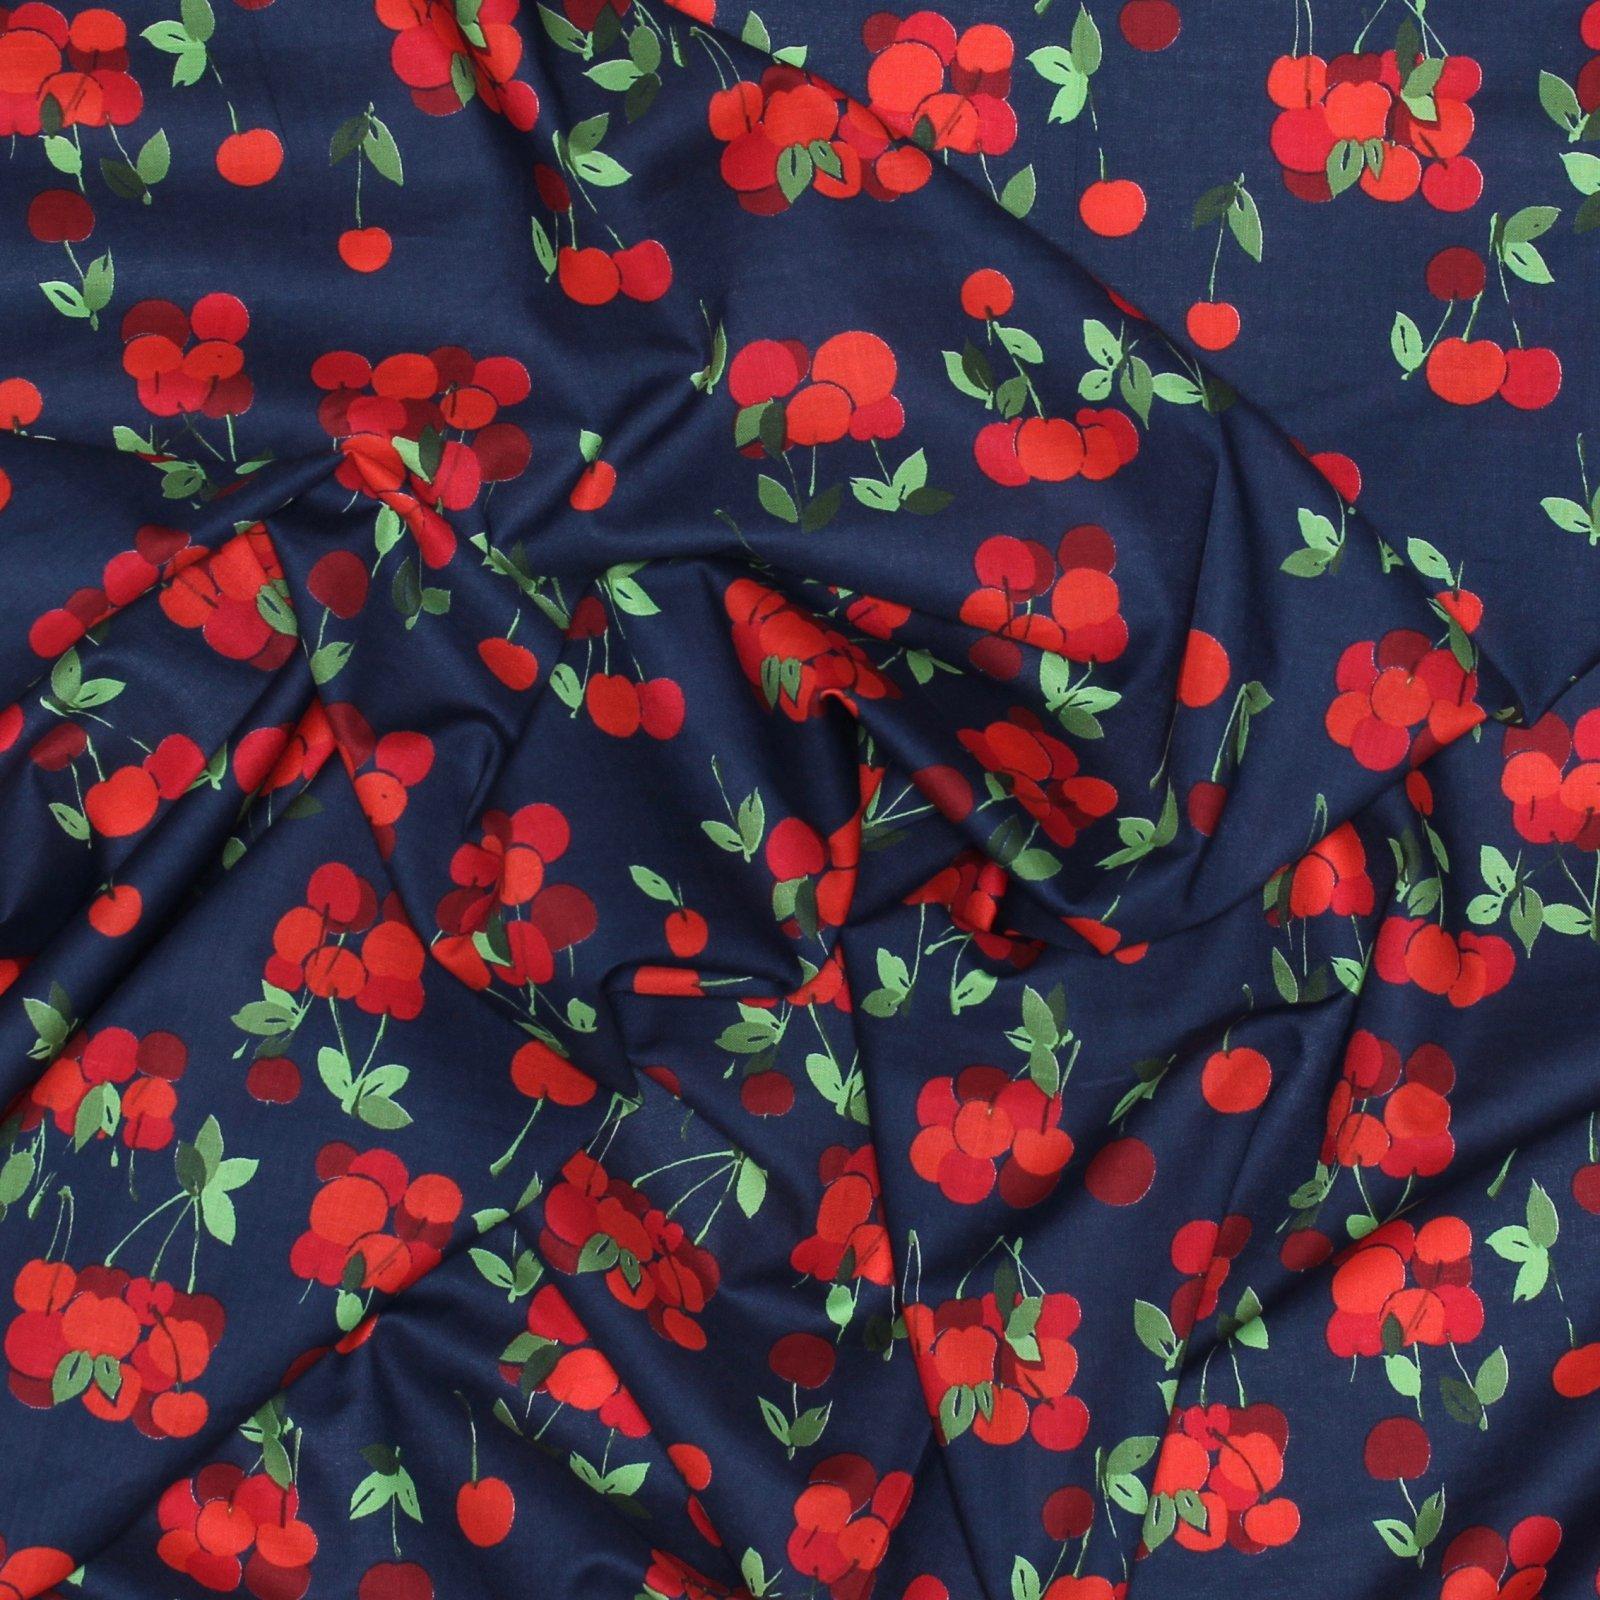 Hokkoh - Cherries on Navy - Japanese Cotton Lawn